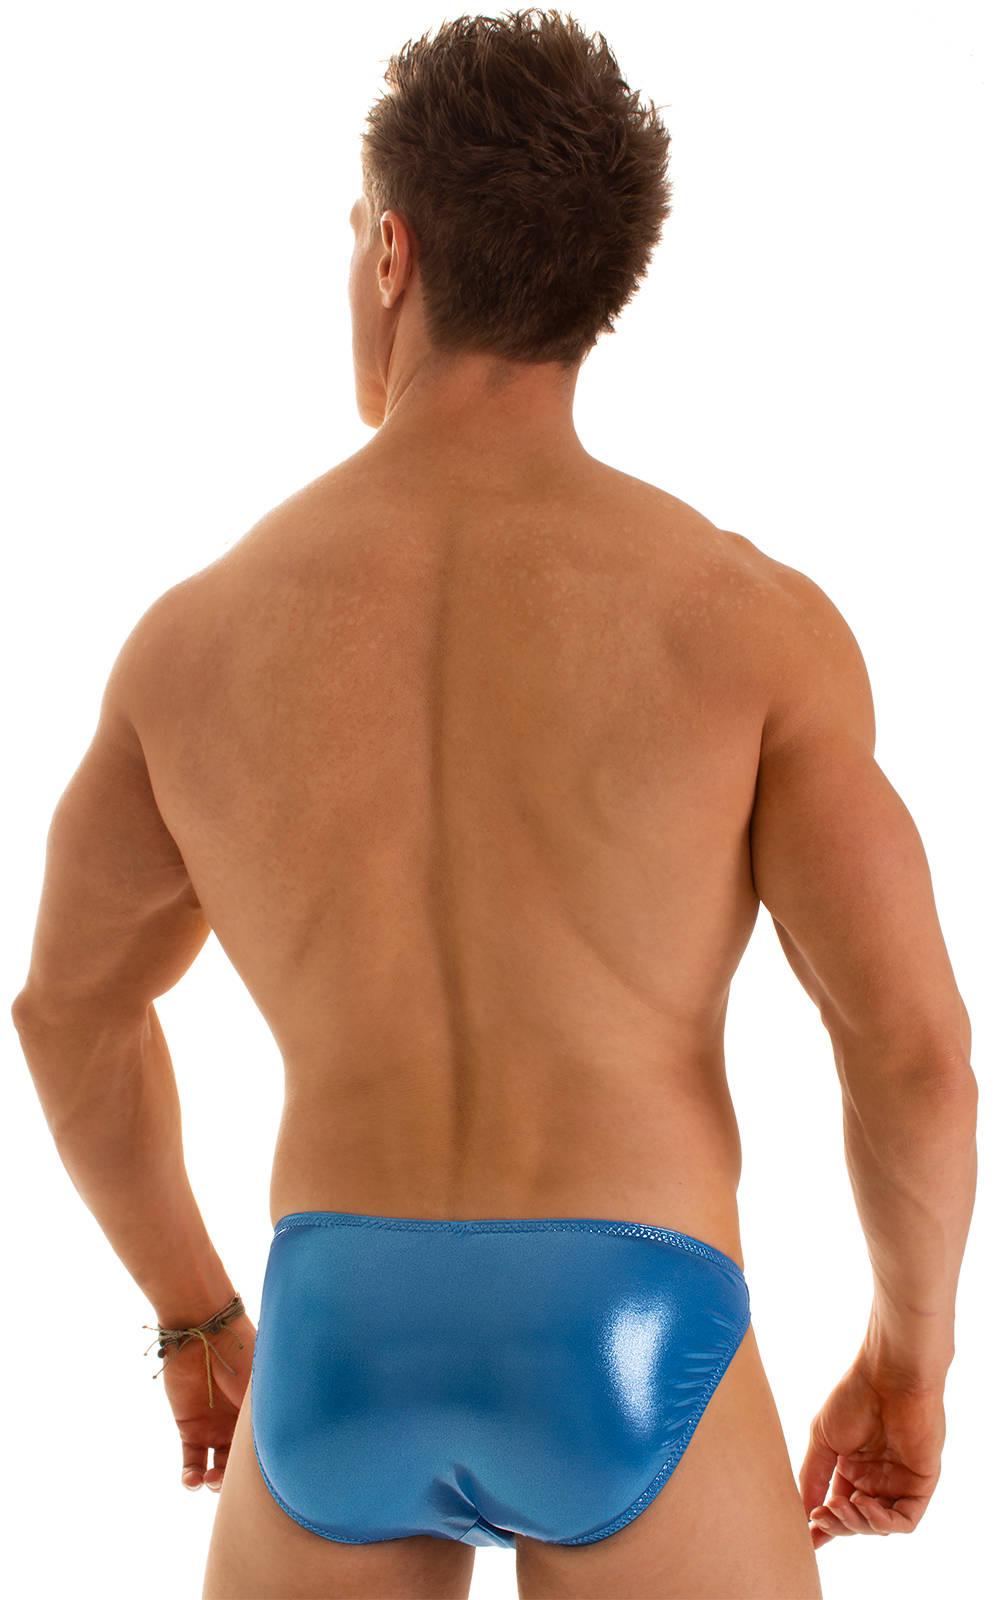 Bikini-Brief Swimsuit in Ice Karma Electric Blue 2